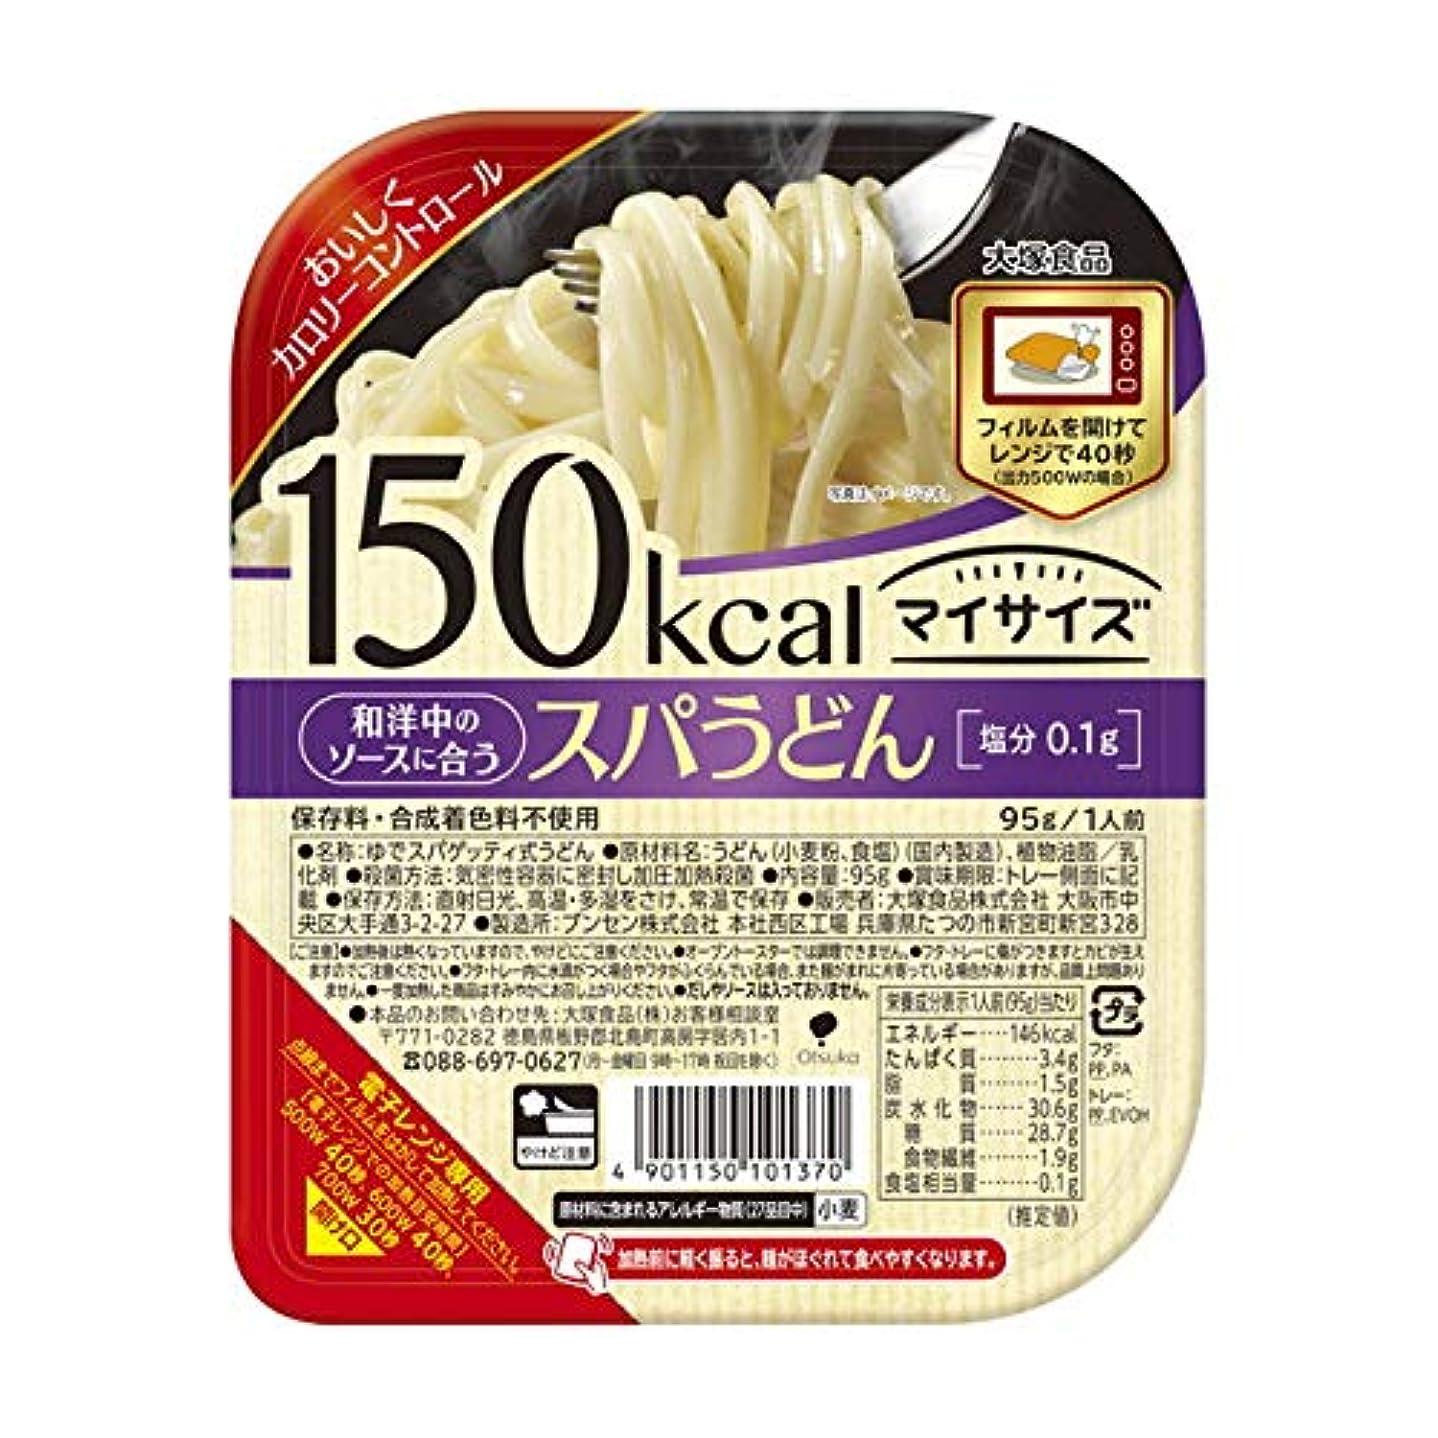 住所タヒチカポック大塚食品 マイサイズ スパうどん 95g【6個セット】